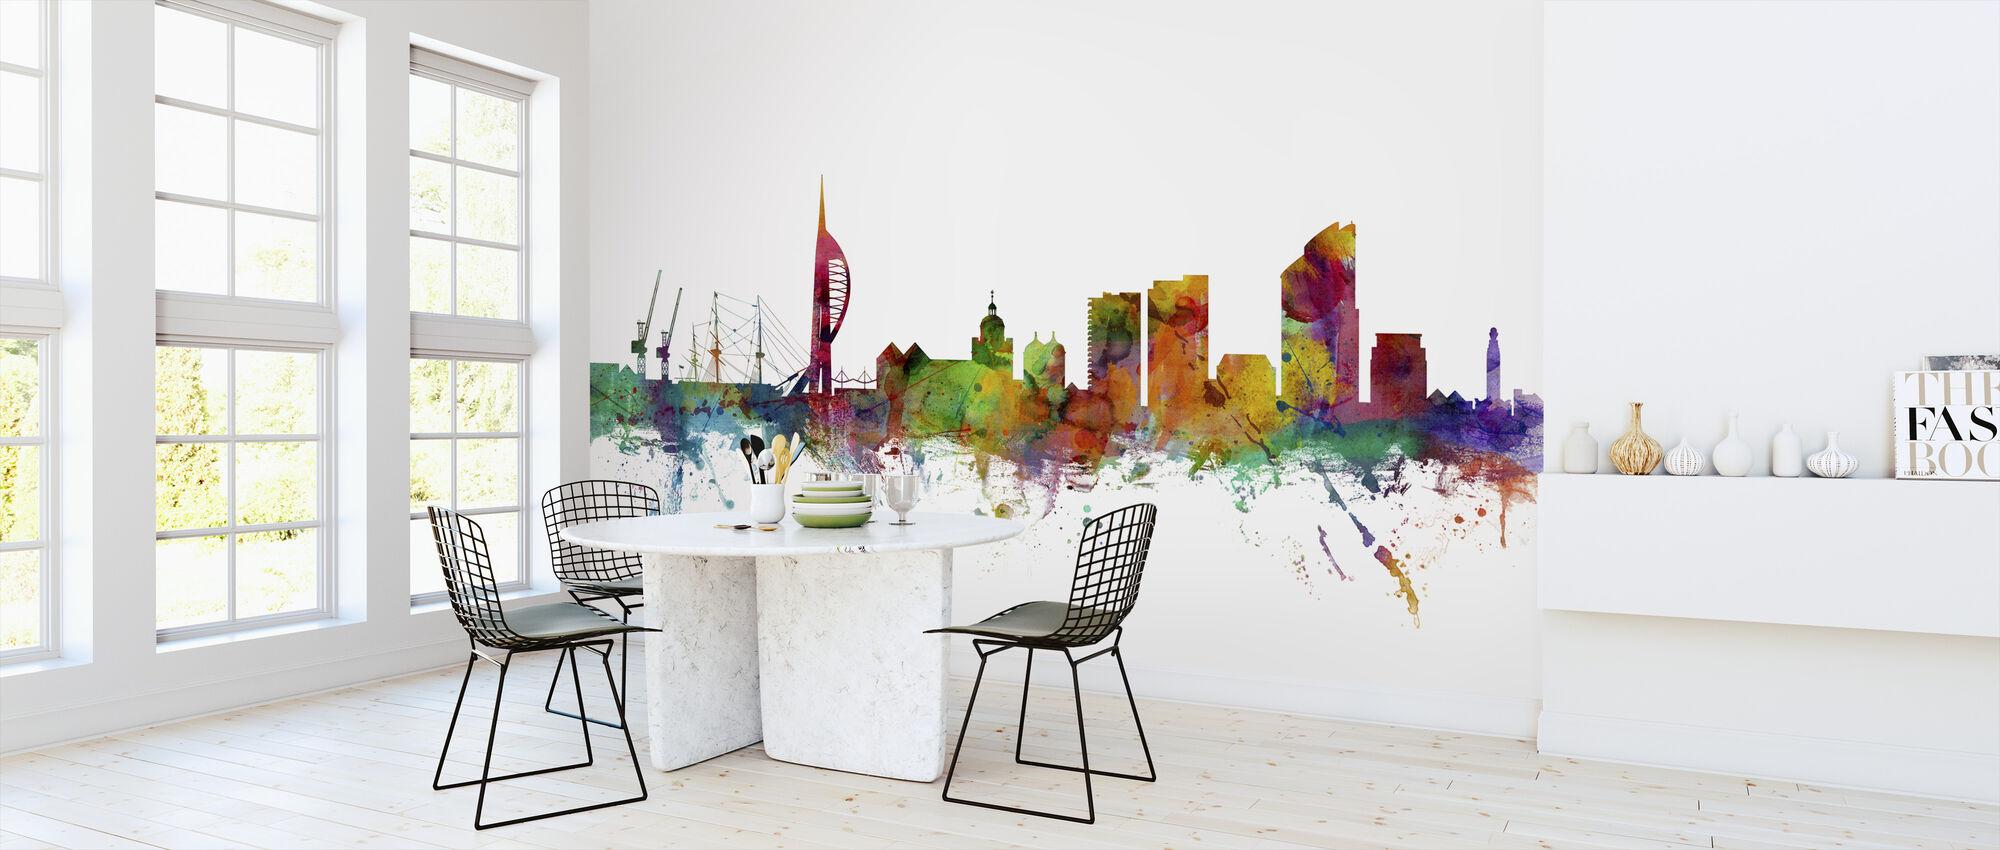 Portsmouth England Skyline - Wallpaper - Kitchen